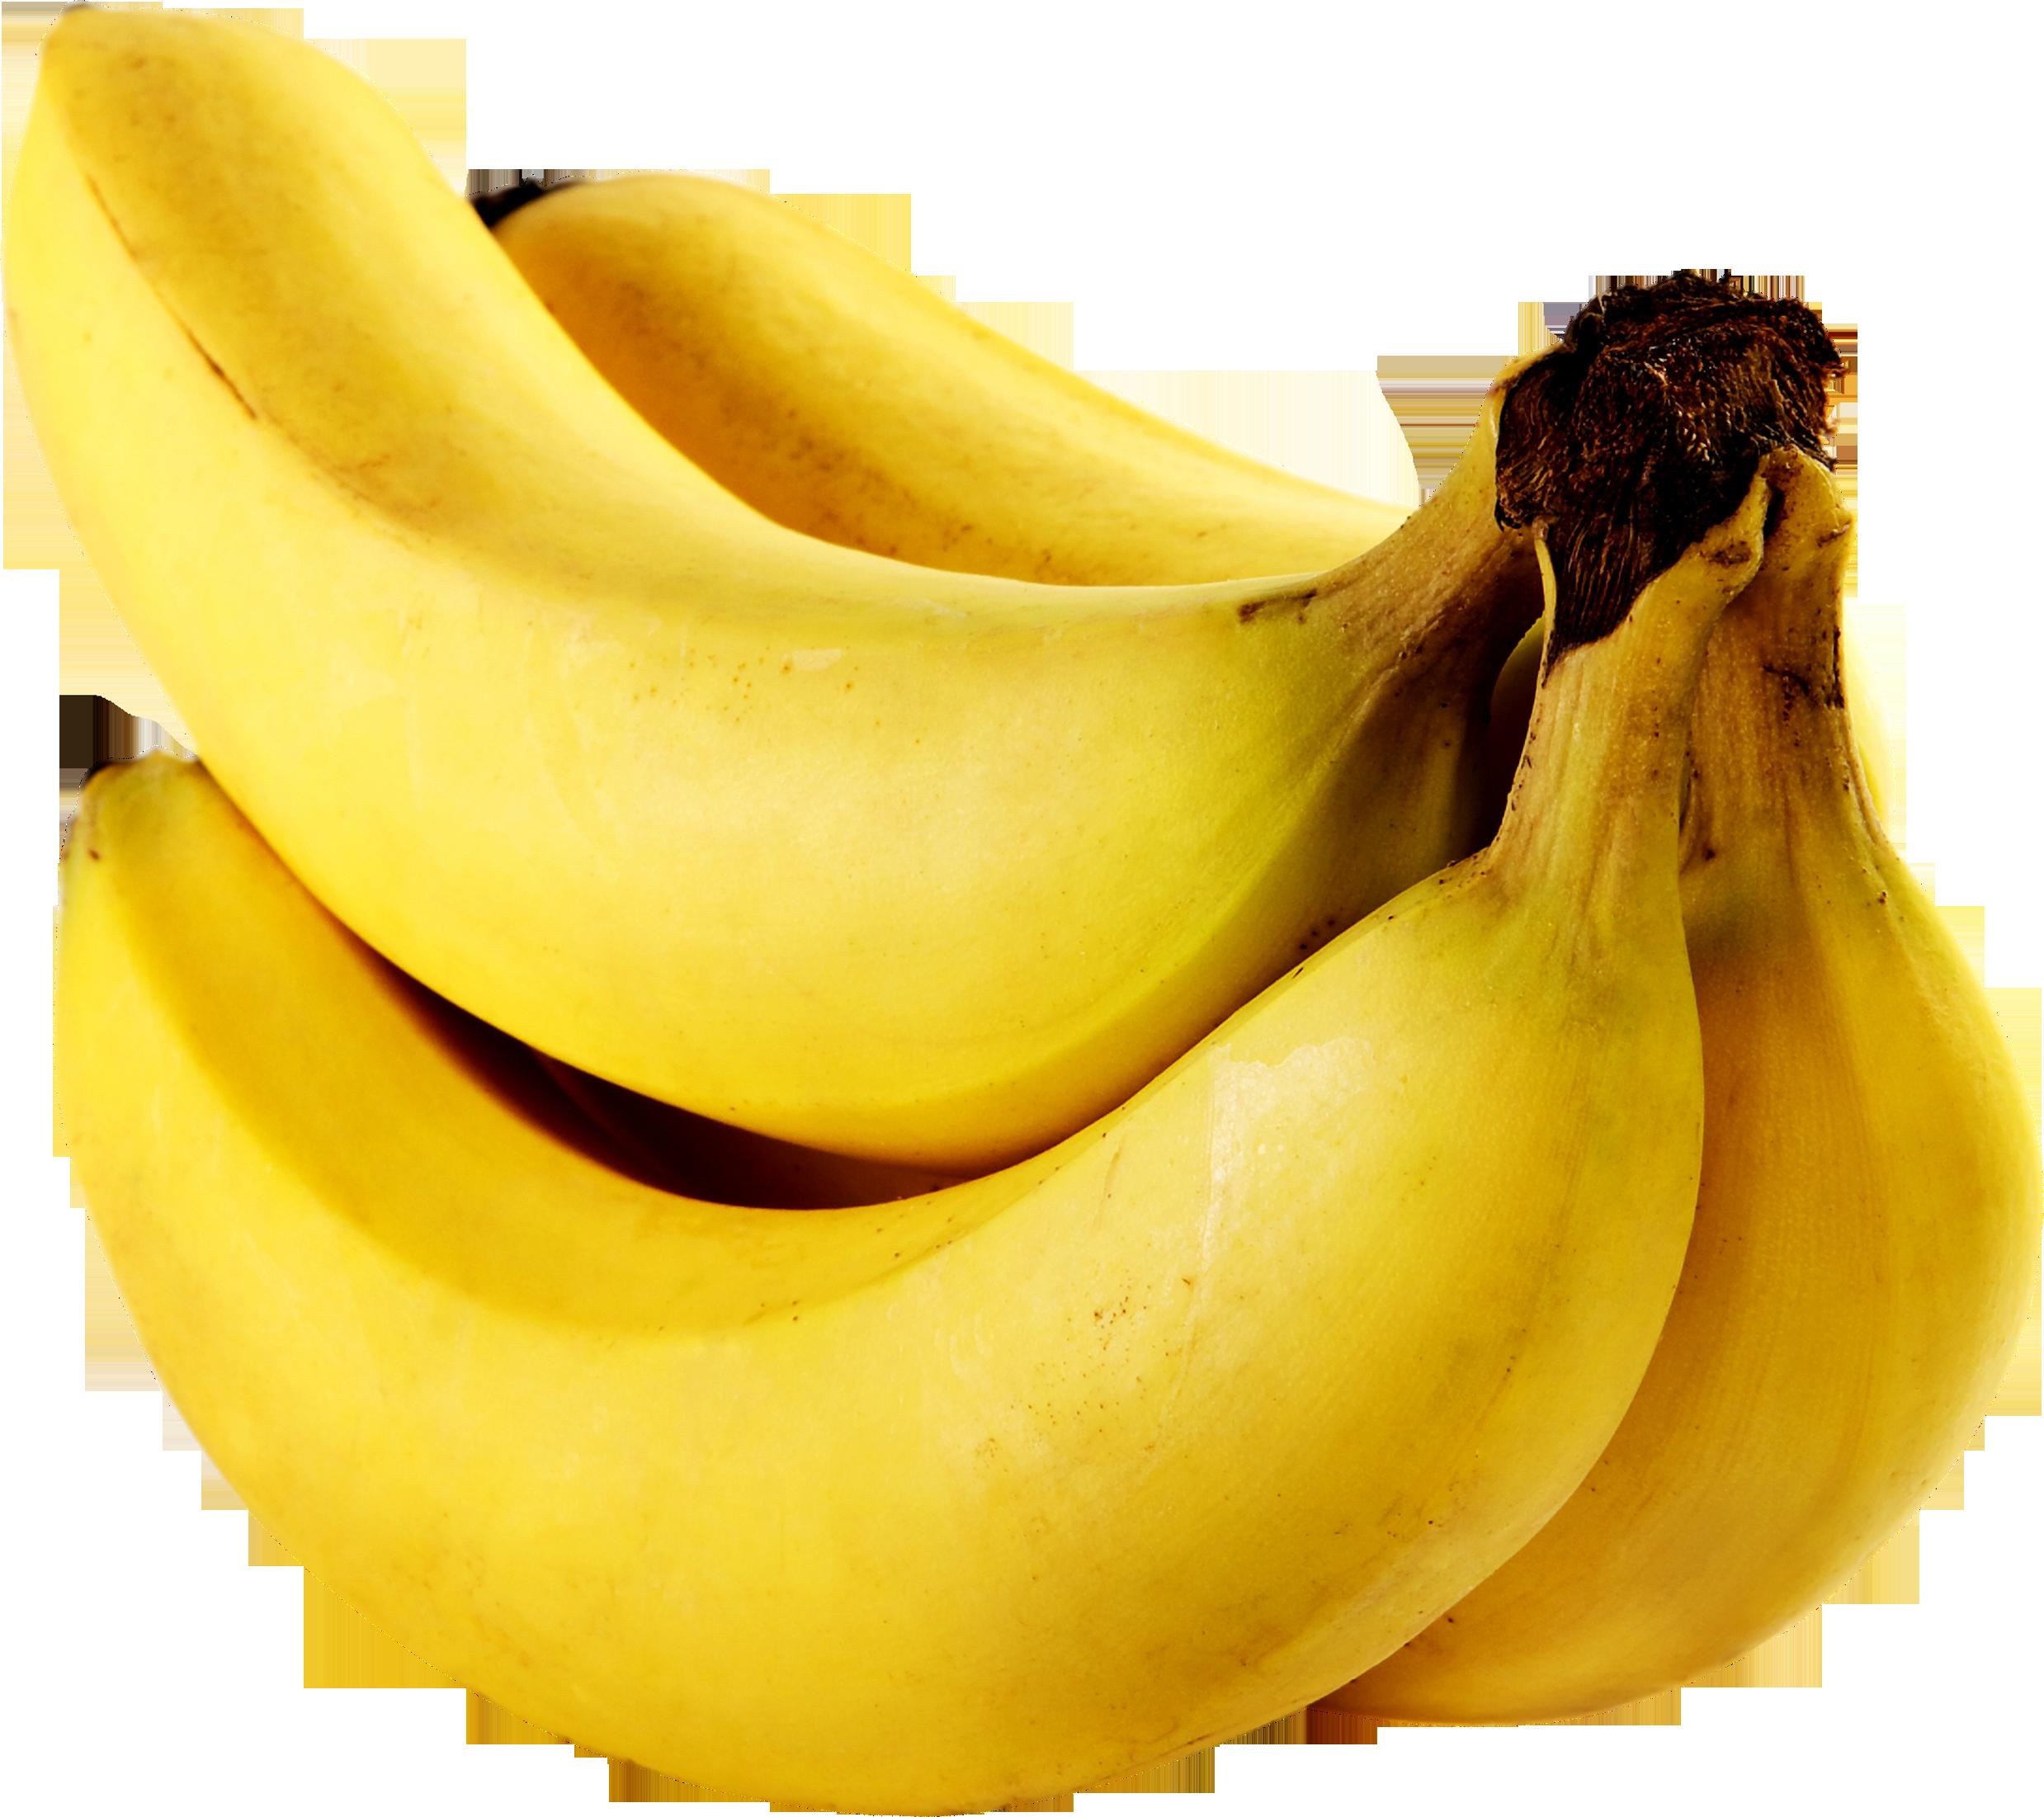 Banana PNG - 7383